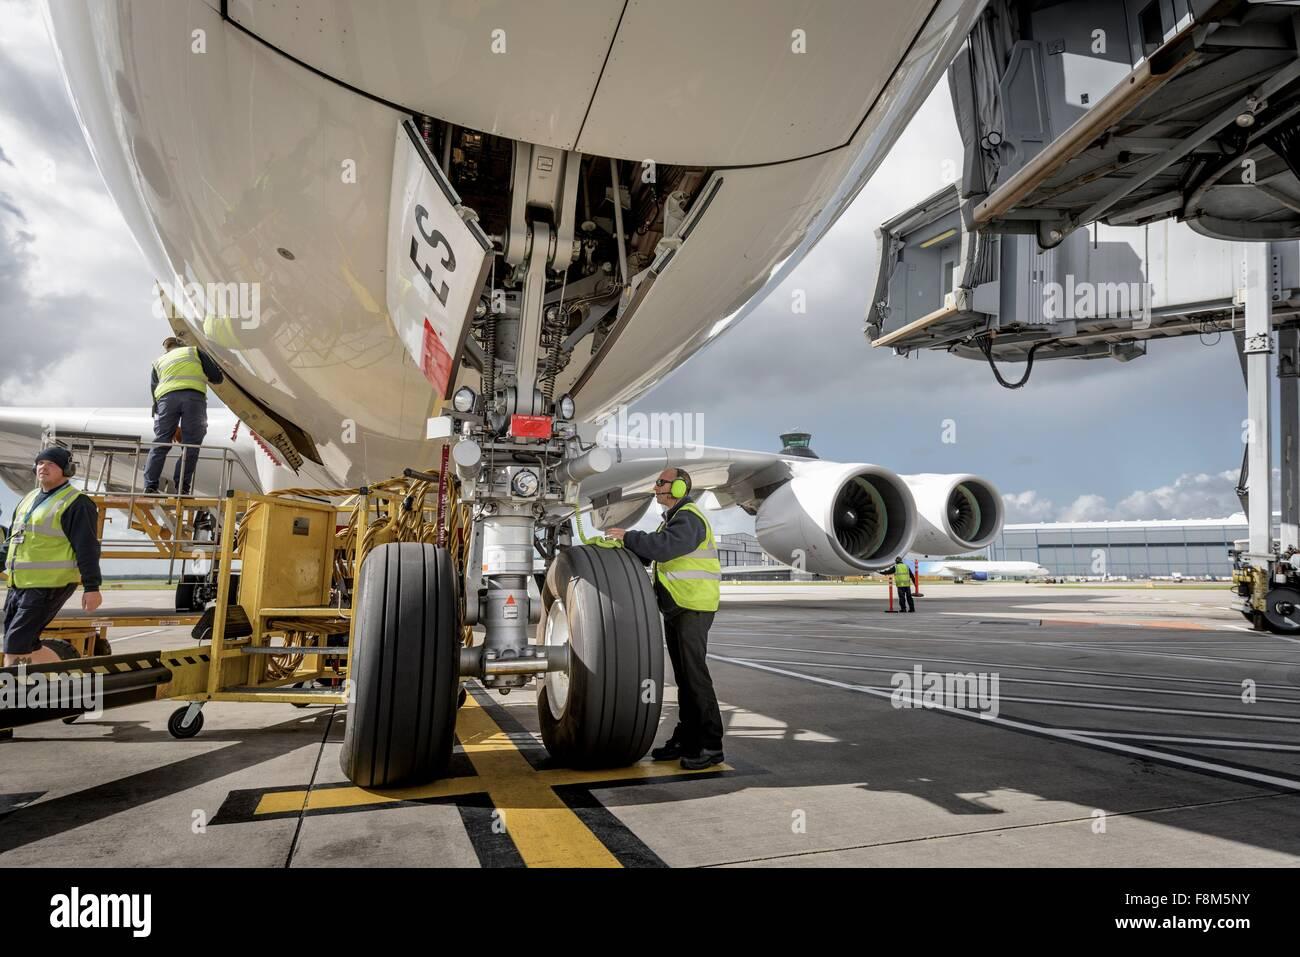 Ingénieur en chef du contrôle d'A380 Photo Stock